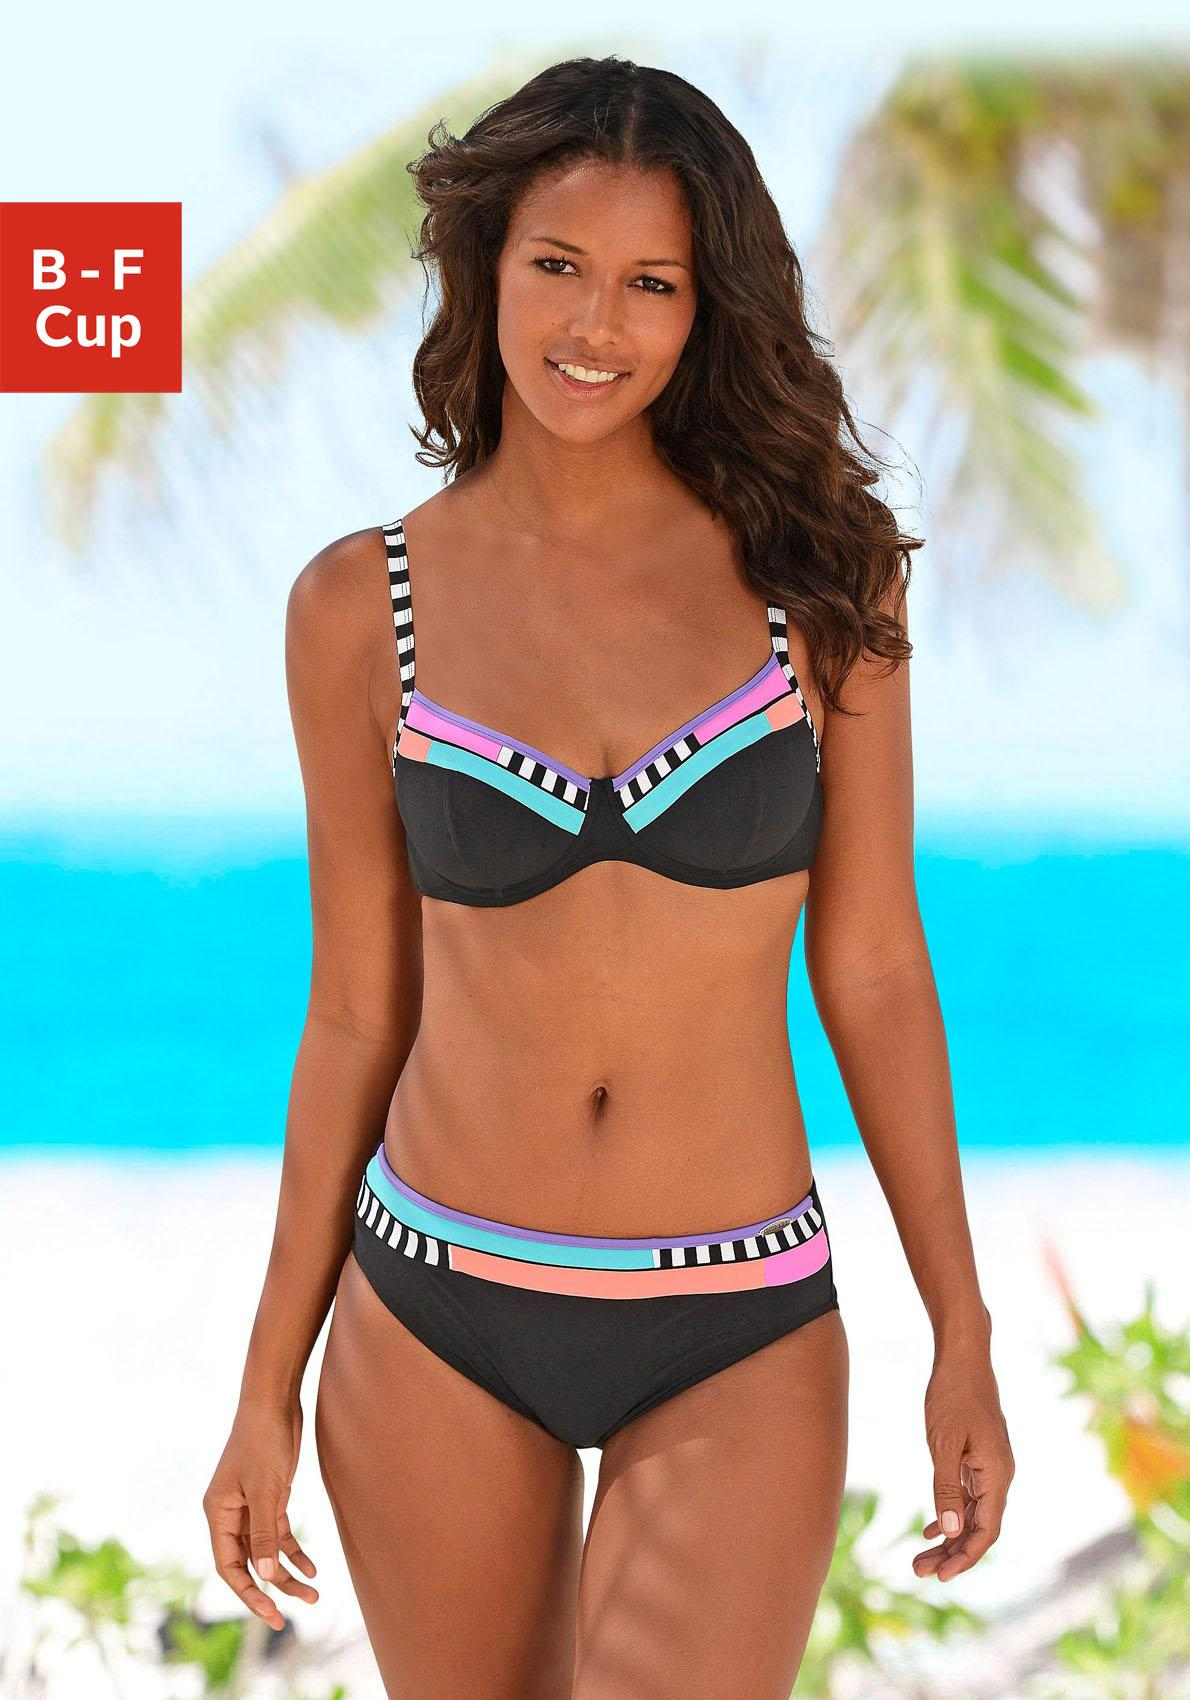 Sunflair Bügel-Bikini mit schönen Kontrasteinsätzen